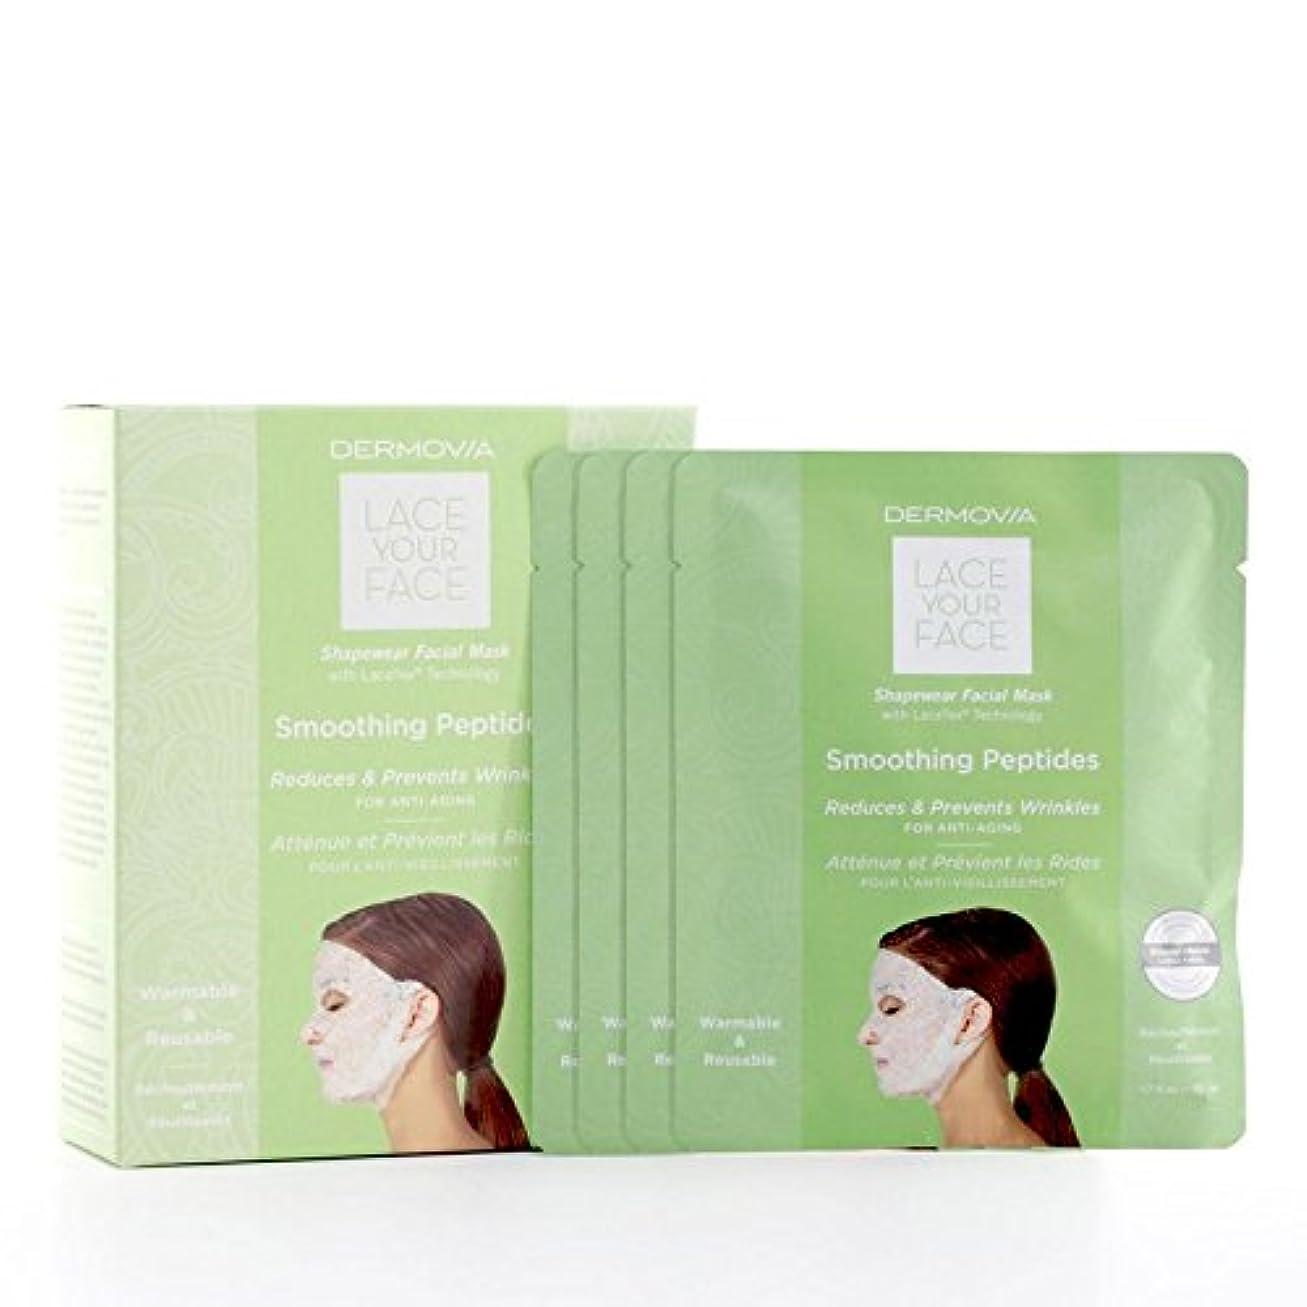 血まみれの不足好きDermovia Lace Your Face Compression Facial Mask Smoothing Peptides - は、あなたの顔の圧縮フェイシャルマスク平滑化ペプチドをひもで締めます [並行輸入品]